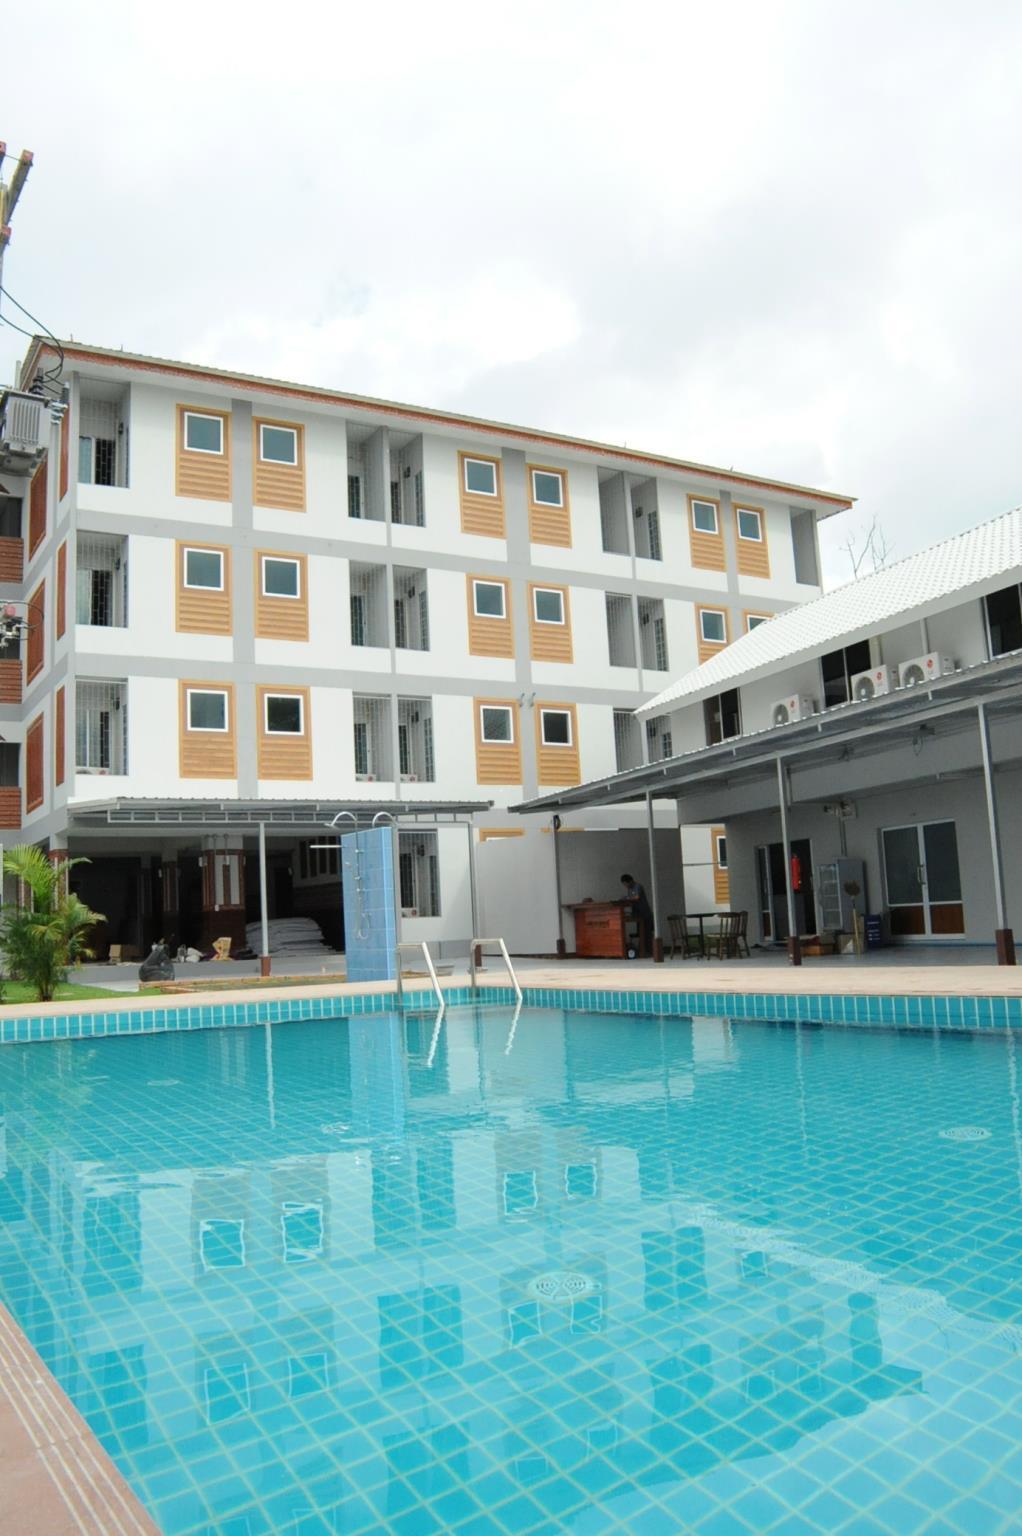 Nanya Hotel Chiang Mai โรงแรมนันยา เชียงใหม่